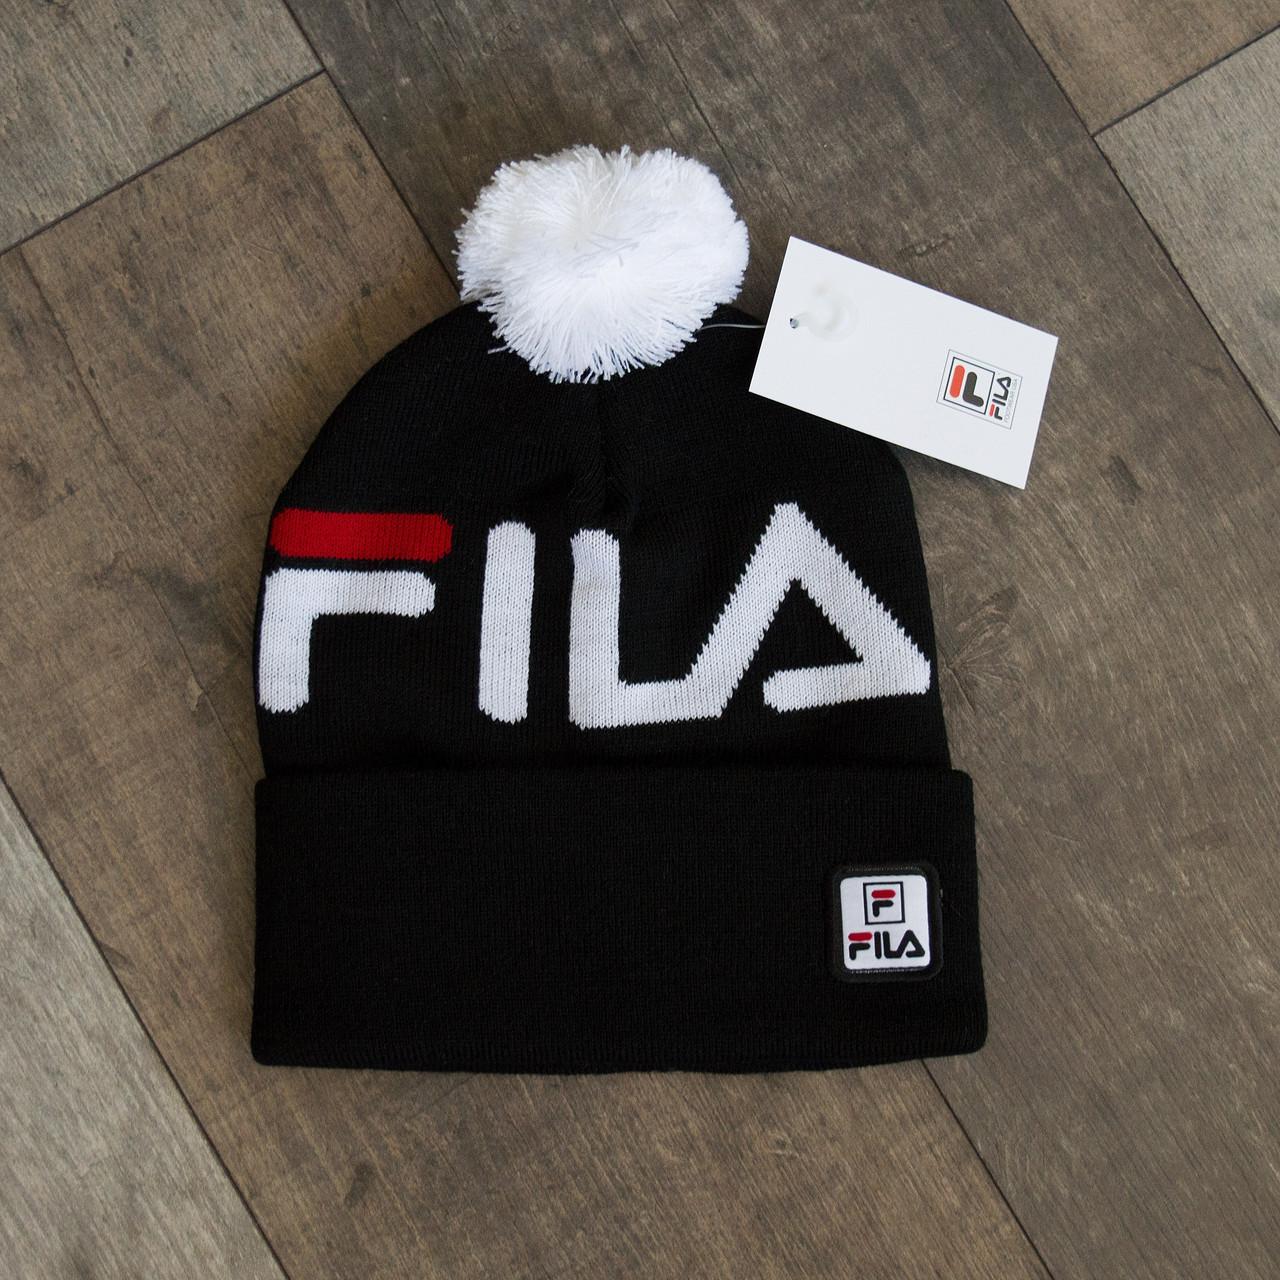 Зимова шапка чорний з бубоном унісекс Fila